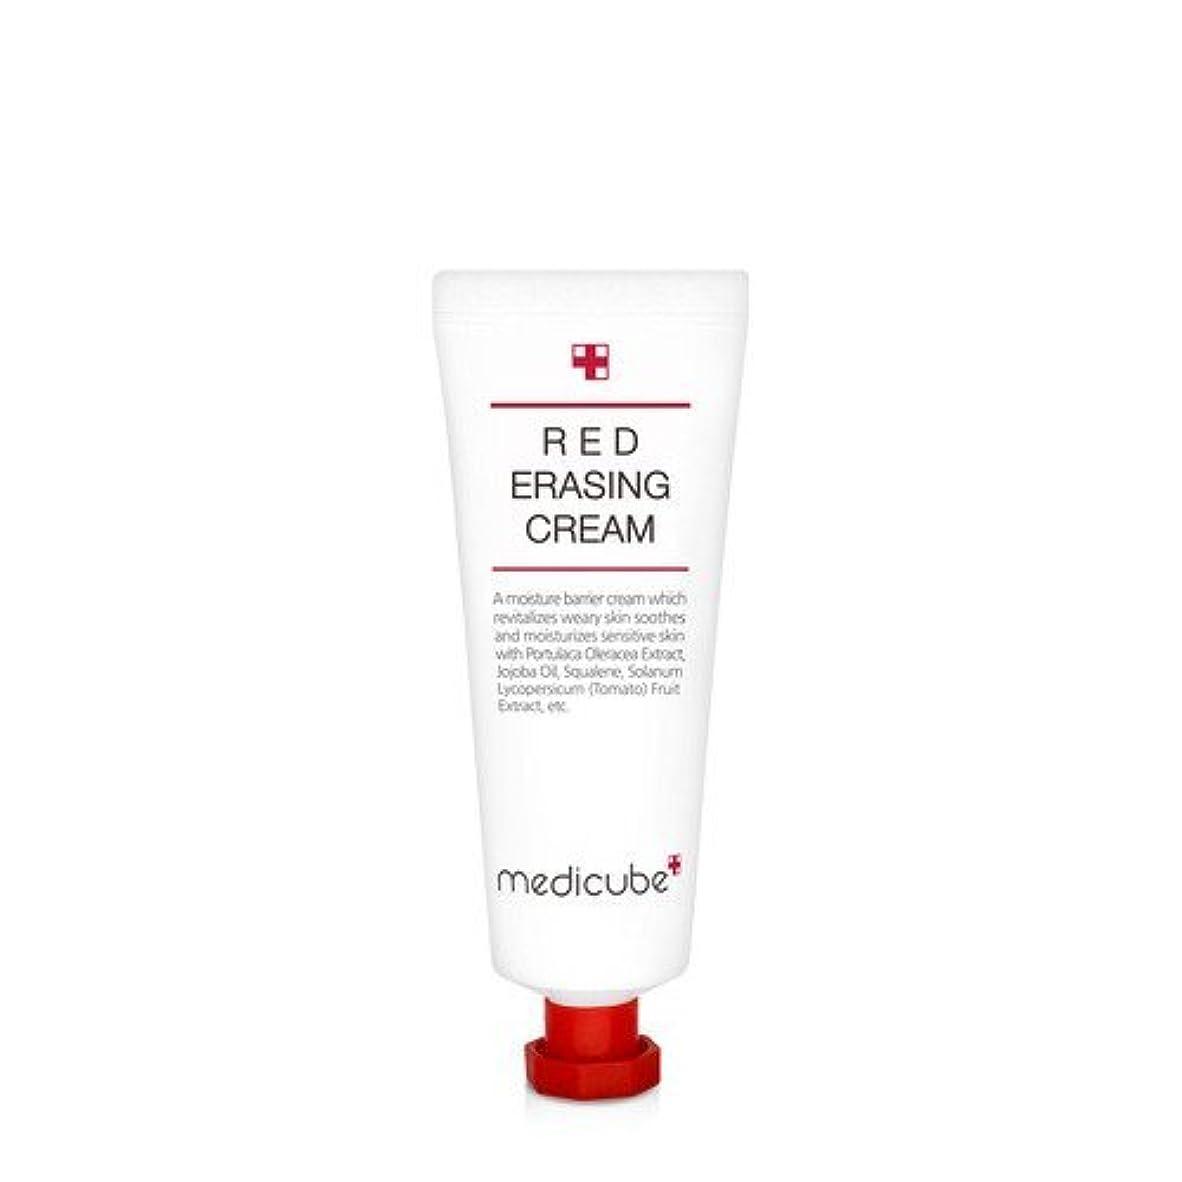 枯れる大人潜水艦[Medicube]Red Erasing Cream 50g / メディキューブレッドイレイジングクリーム / 正品?海外直送商品 [並行輸入品]